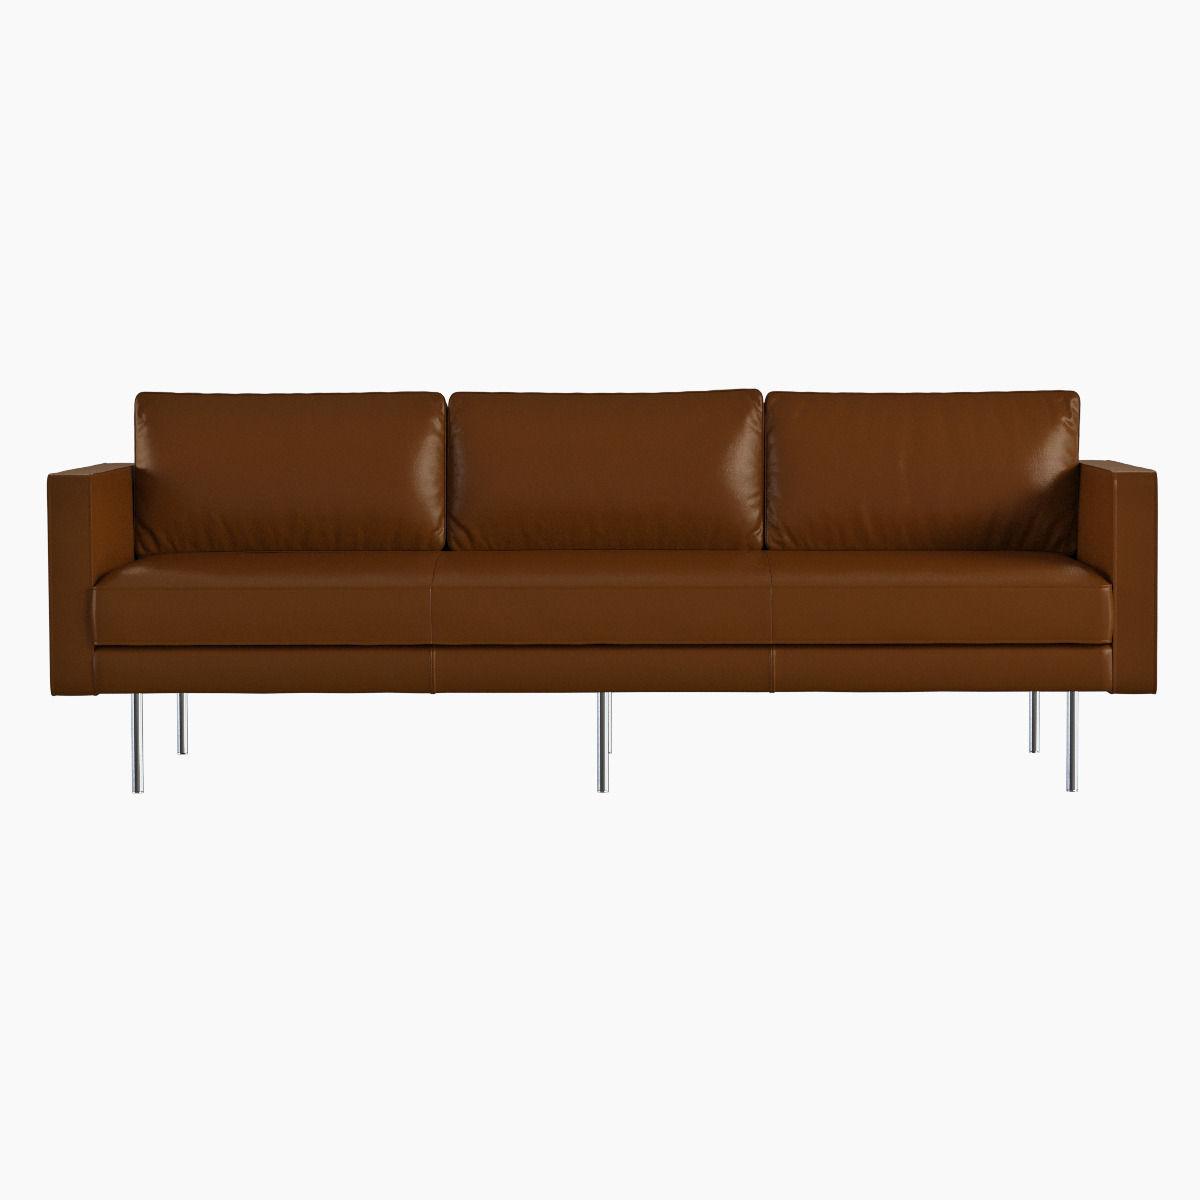 West elm axel leather sofa 3d model max obj fbx for Elm furniture